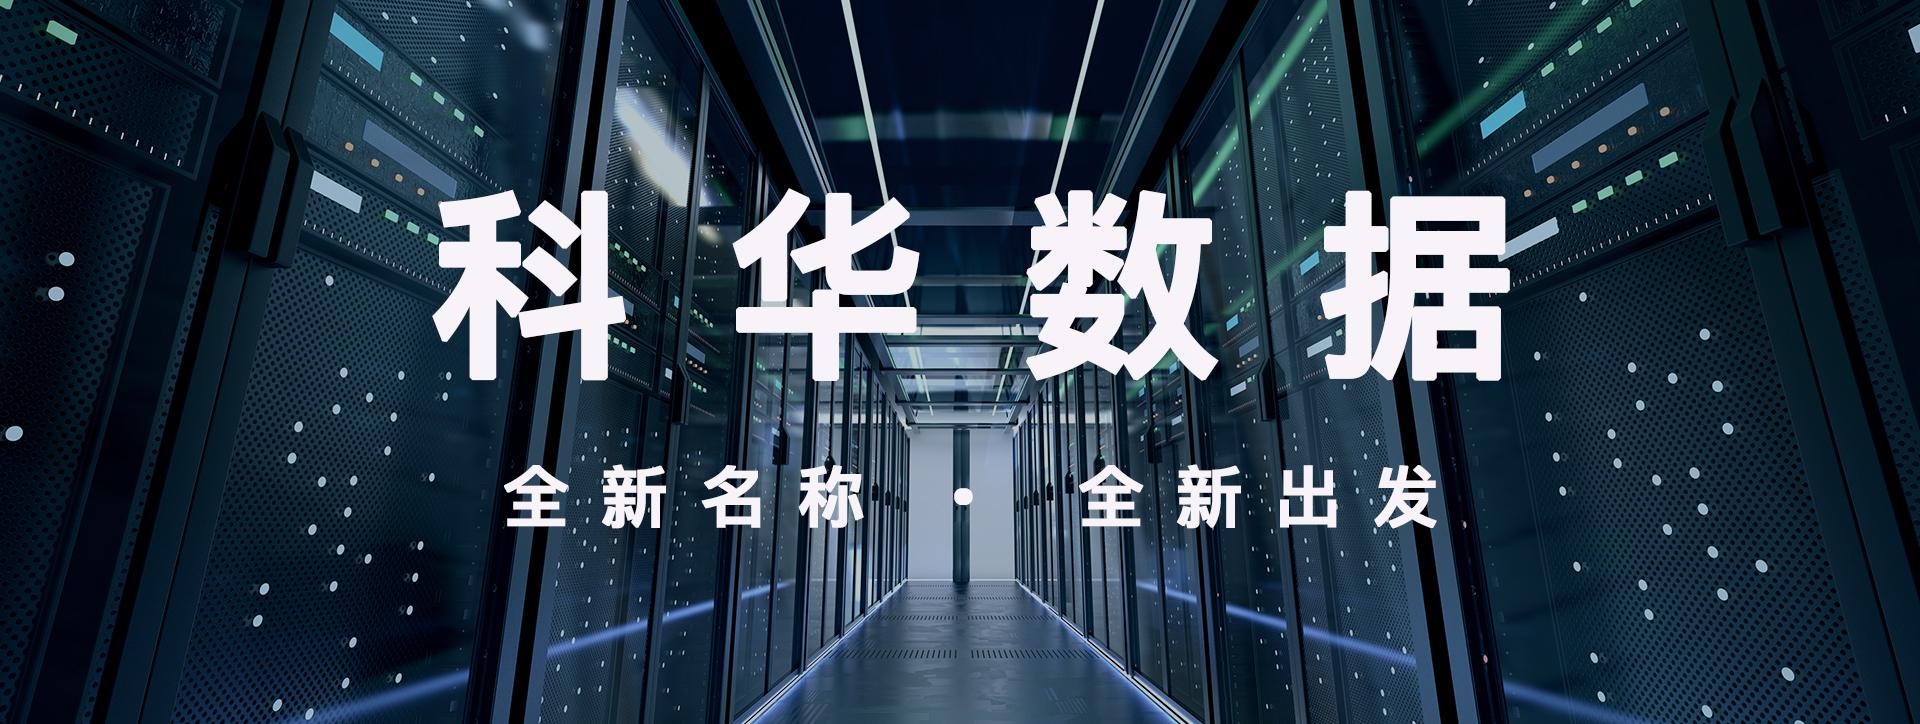 """科华恒盛改名为""""科华数据 """",股票代码002335保持不变"""